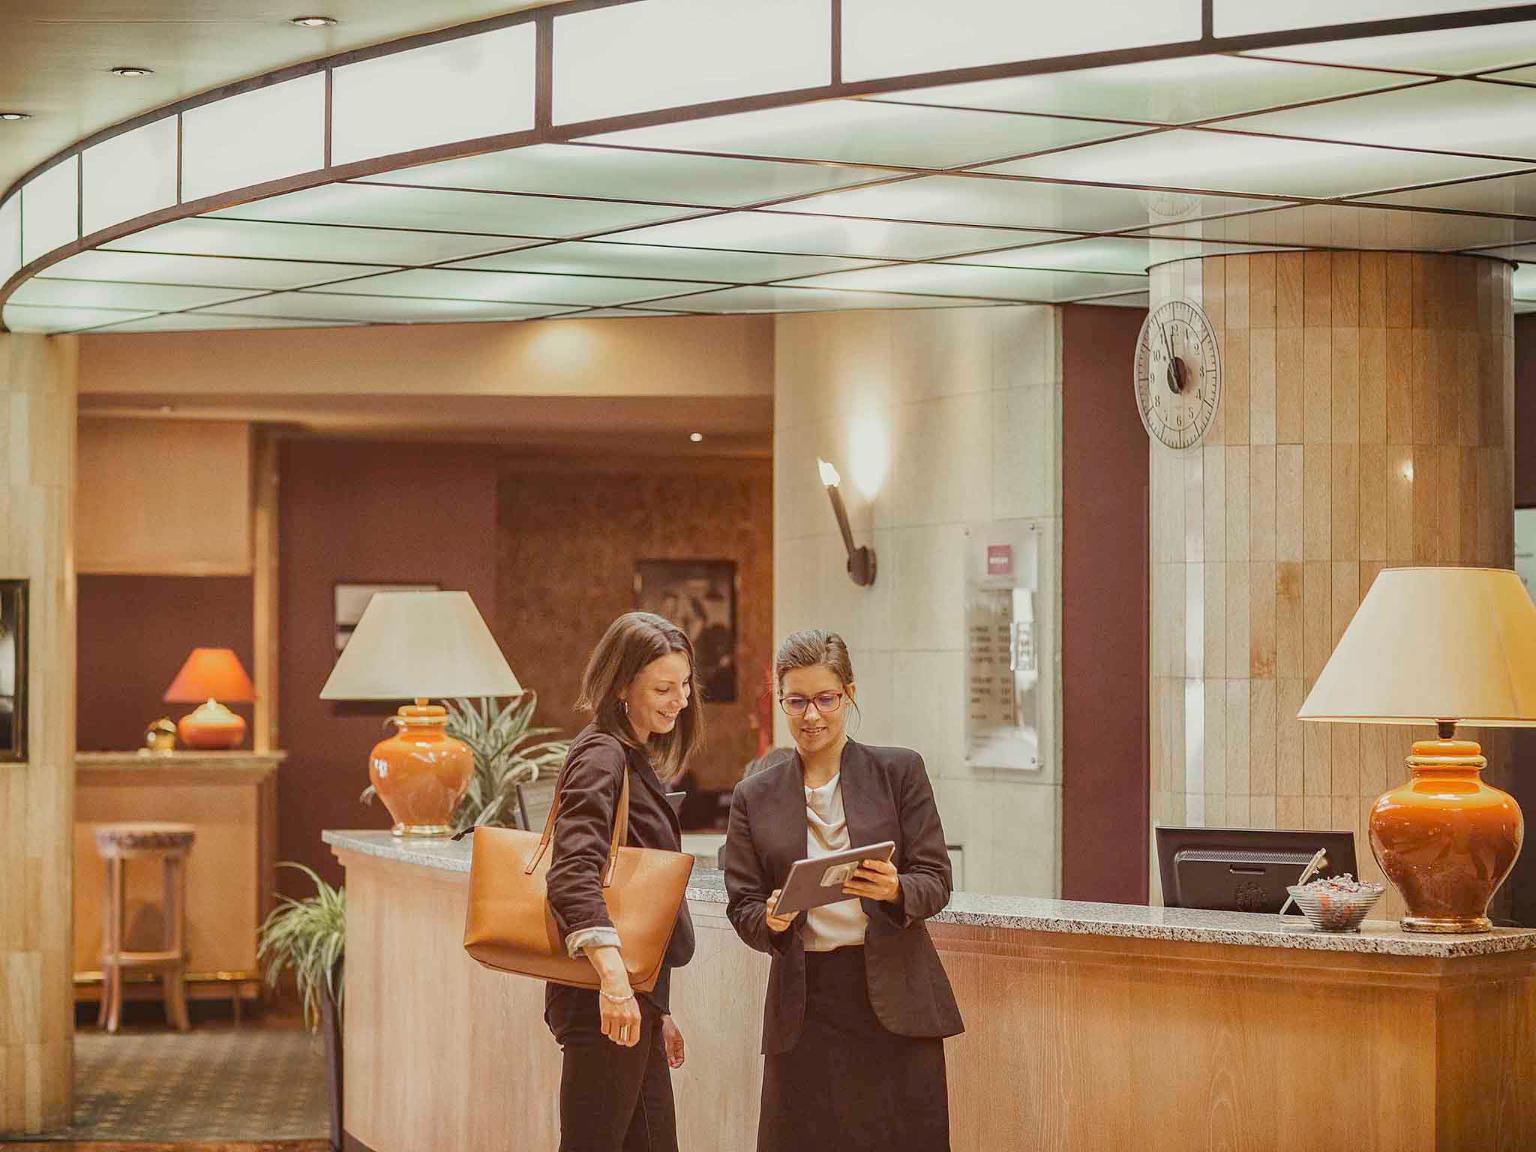 h tel mercure limoges royal limousin h tel place de la r publique bp 280 cedex 1 87000. Black Bedroom Furniture Sets. Home Design Ideas